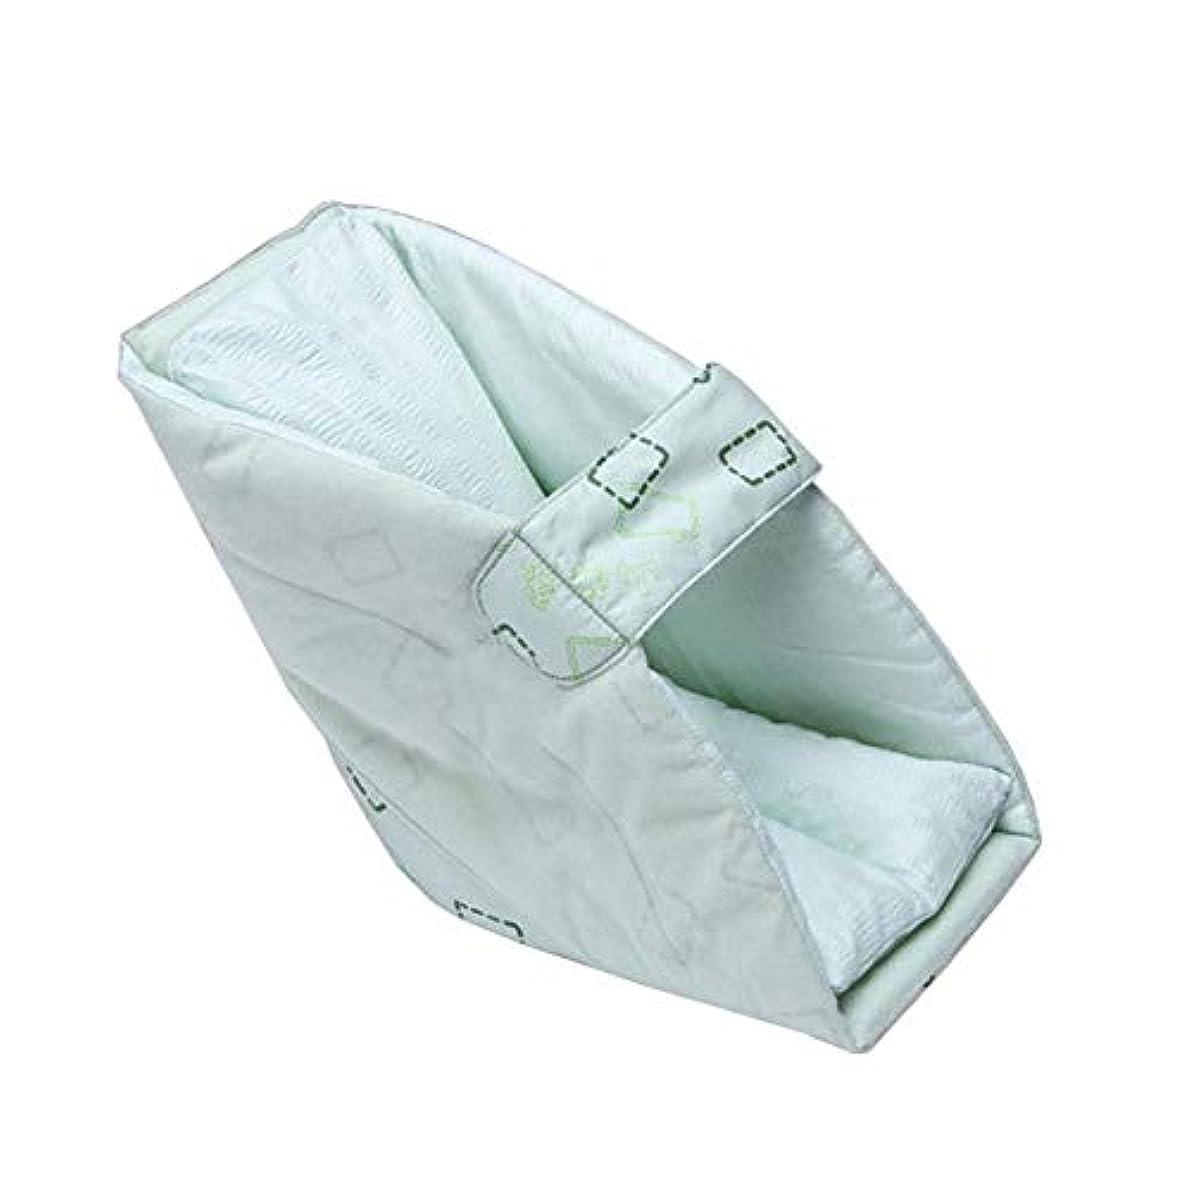 作成者キロメートル代表足首フットカバー、ヒールフットドロップ保護パッド、車椅子の耐摩耗性フットカバーベッド患者ケア製品